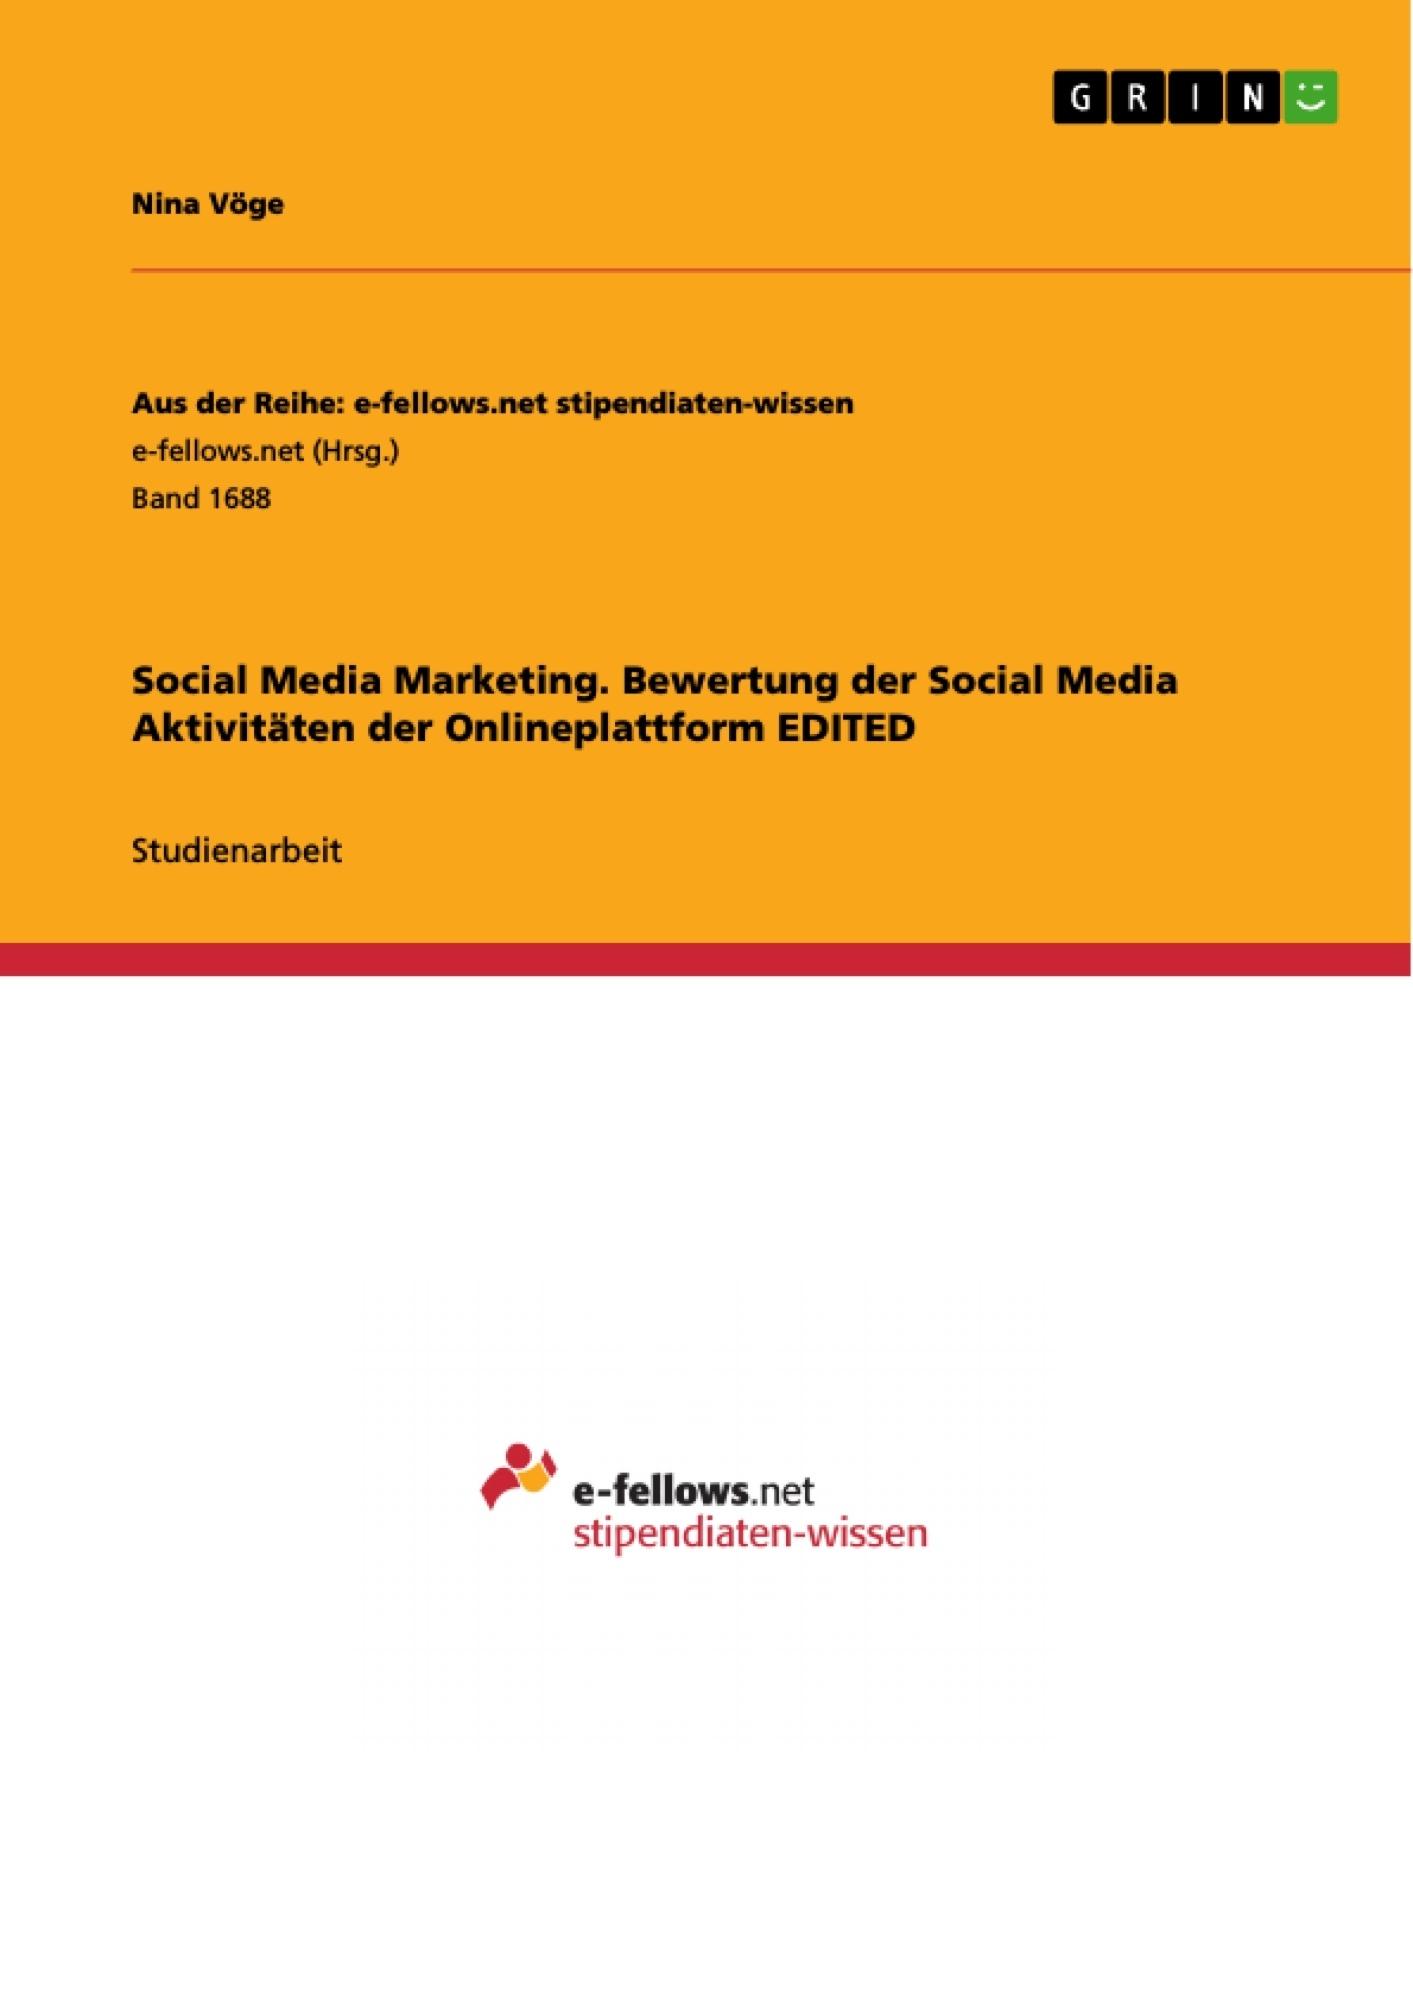 Titel: Social Media Marketing. Bewertung der Social Media Aktivitäten der Onlineplattform EDITED